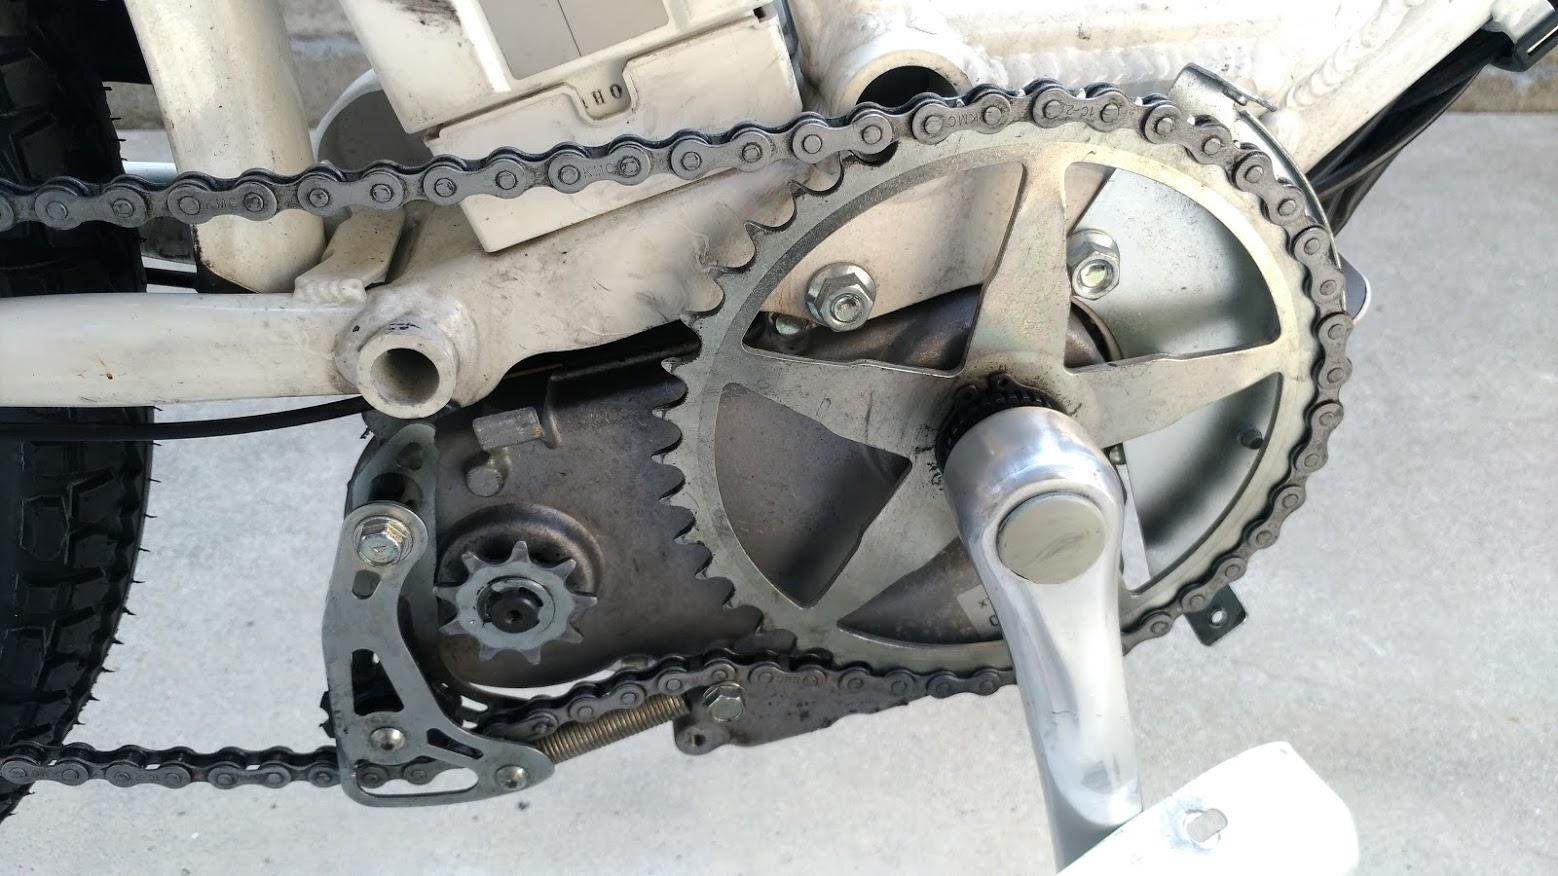 ブリヂストン hydee2 子供電動自転車 パンク タイヤ交換 -17-